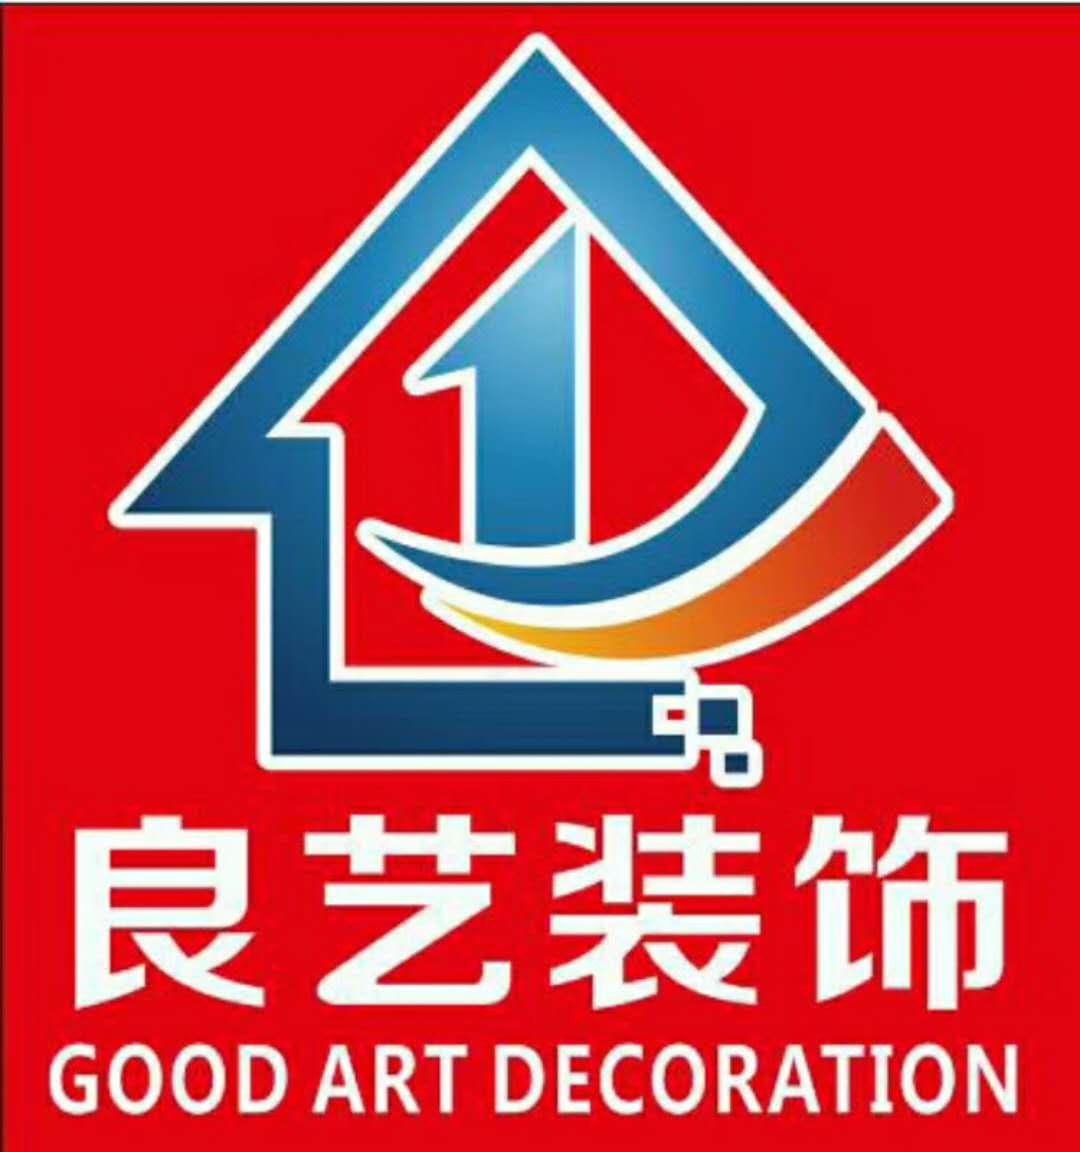 杭州良艺装饰工程有限公司